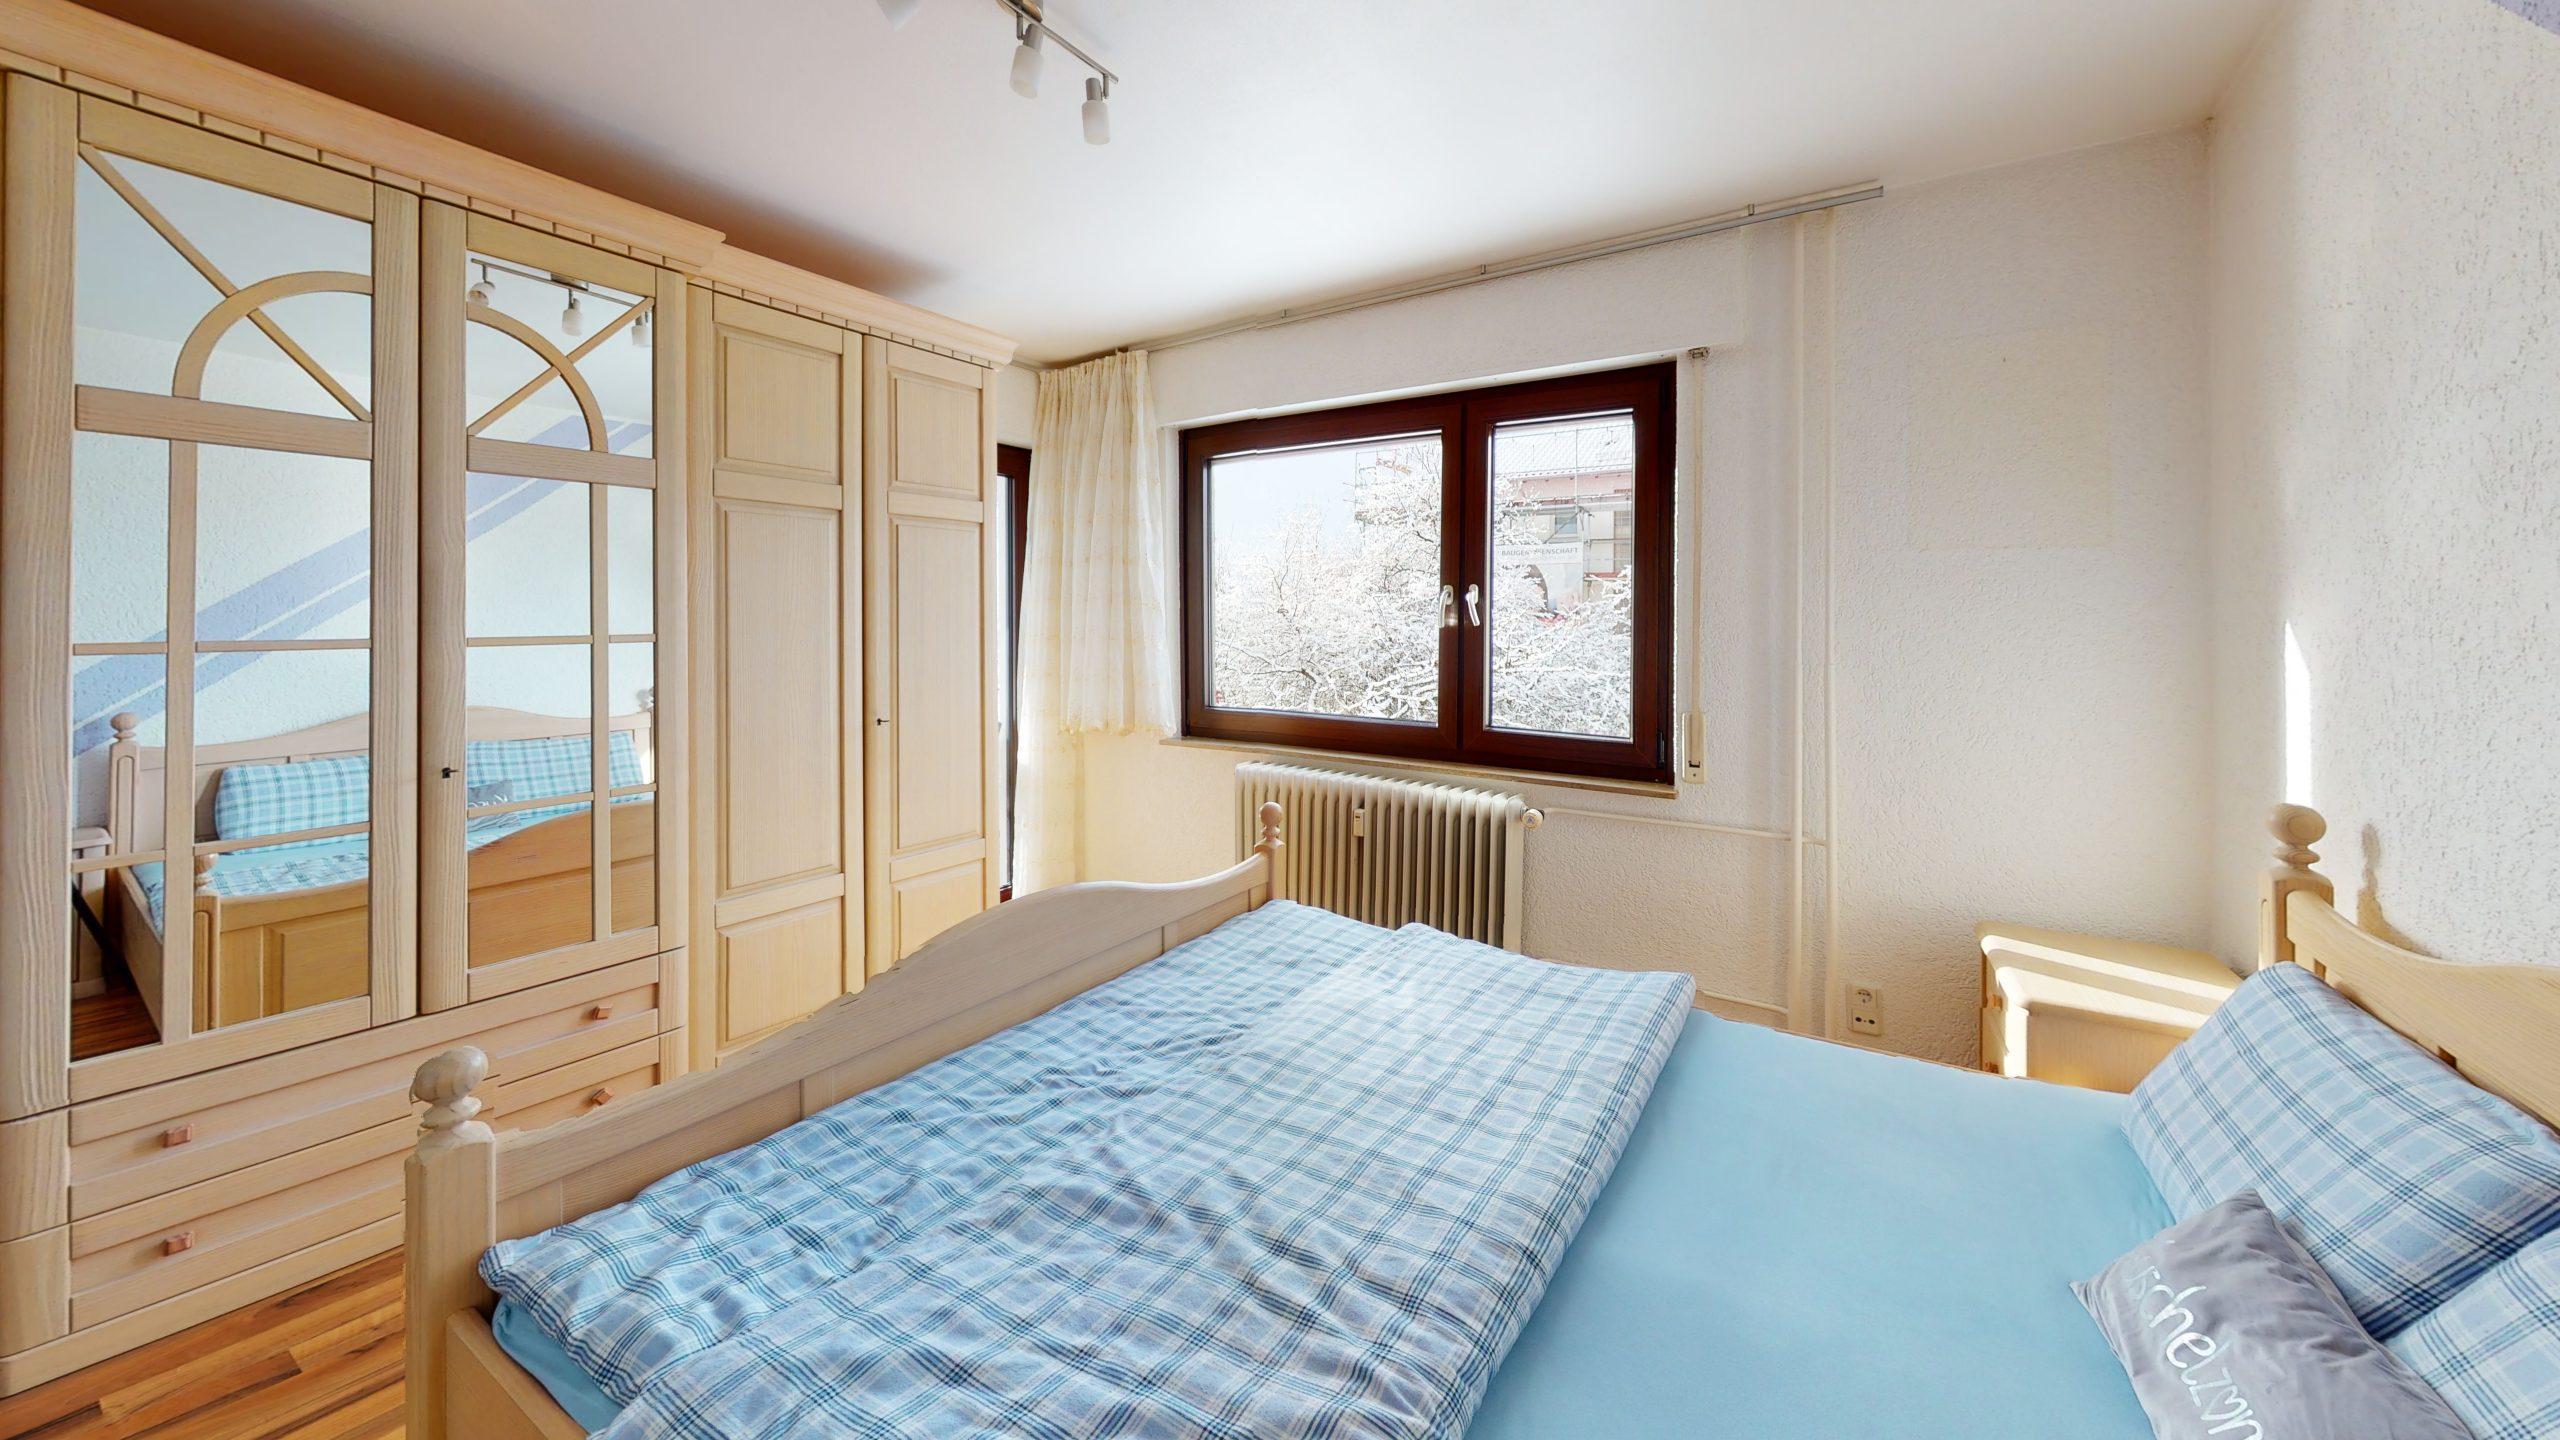 Schone-4-Zimmer-Wohnung-in-Sindelfingen-Bedroom